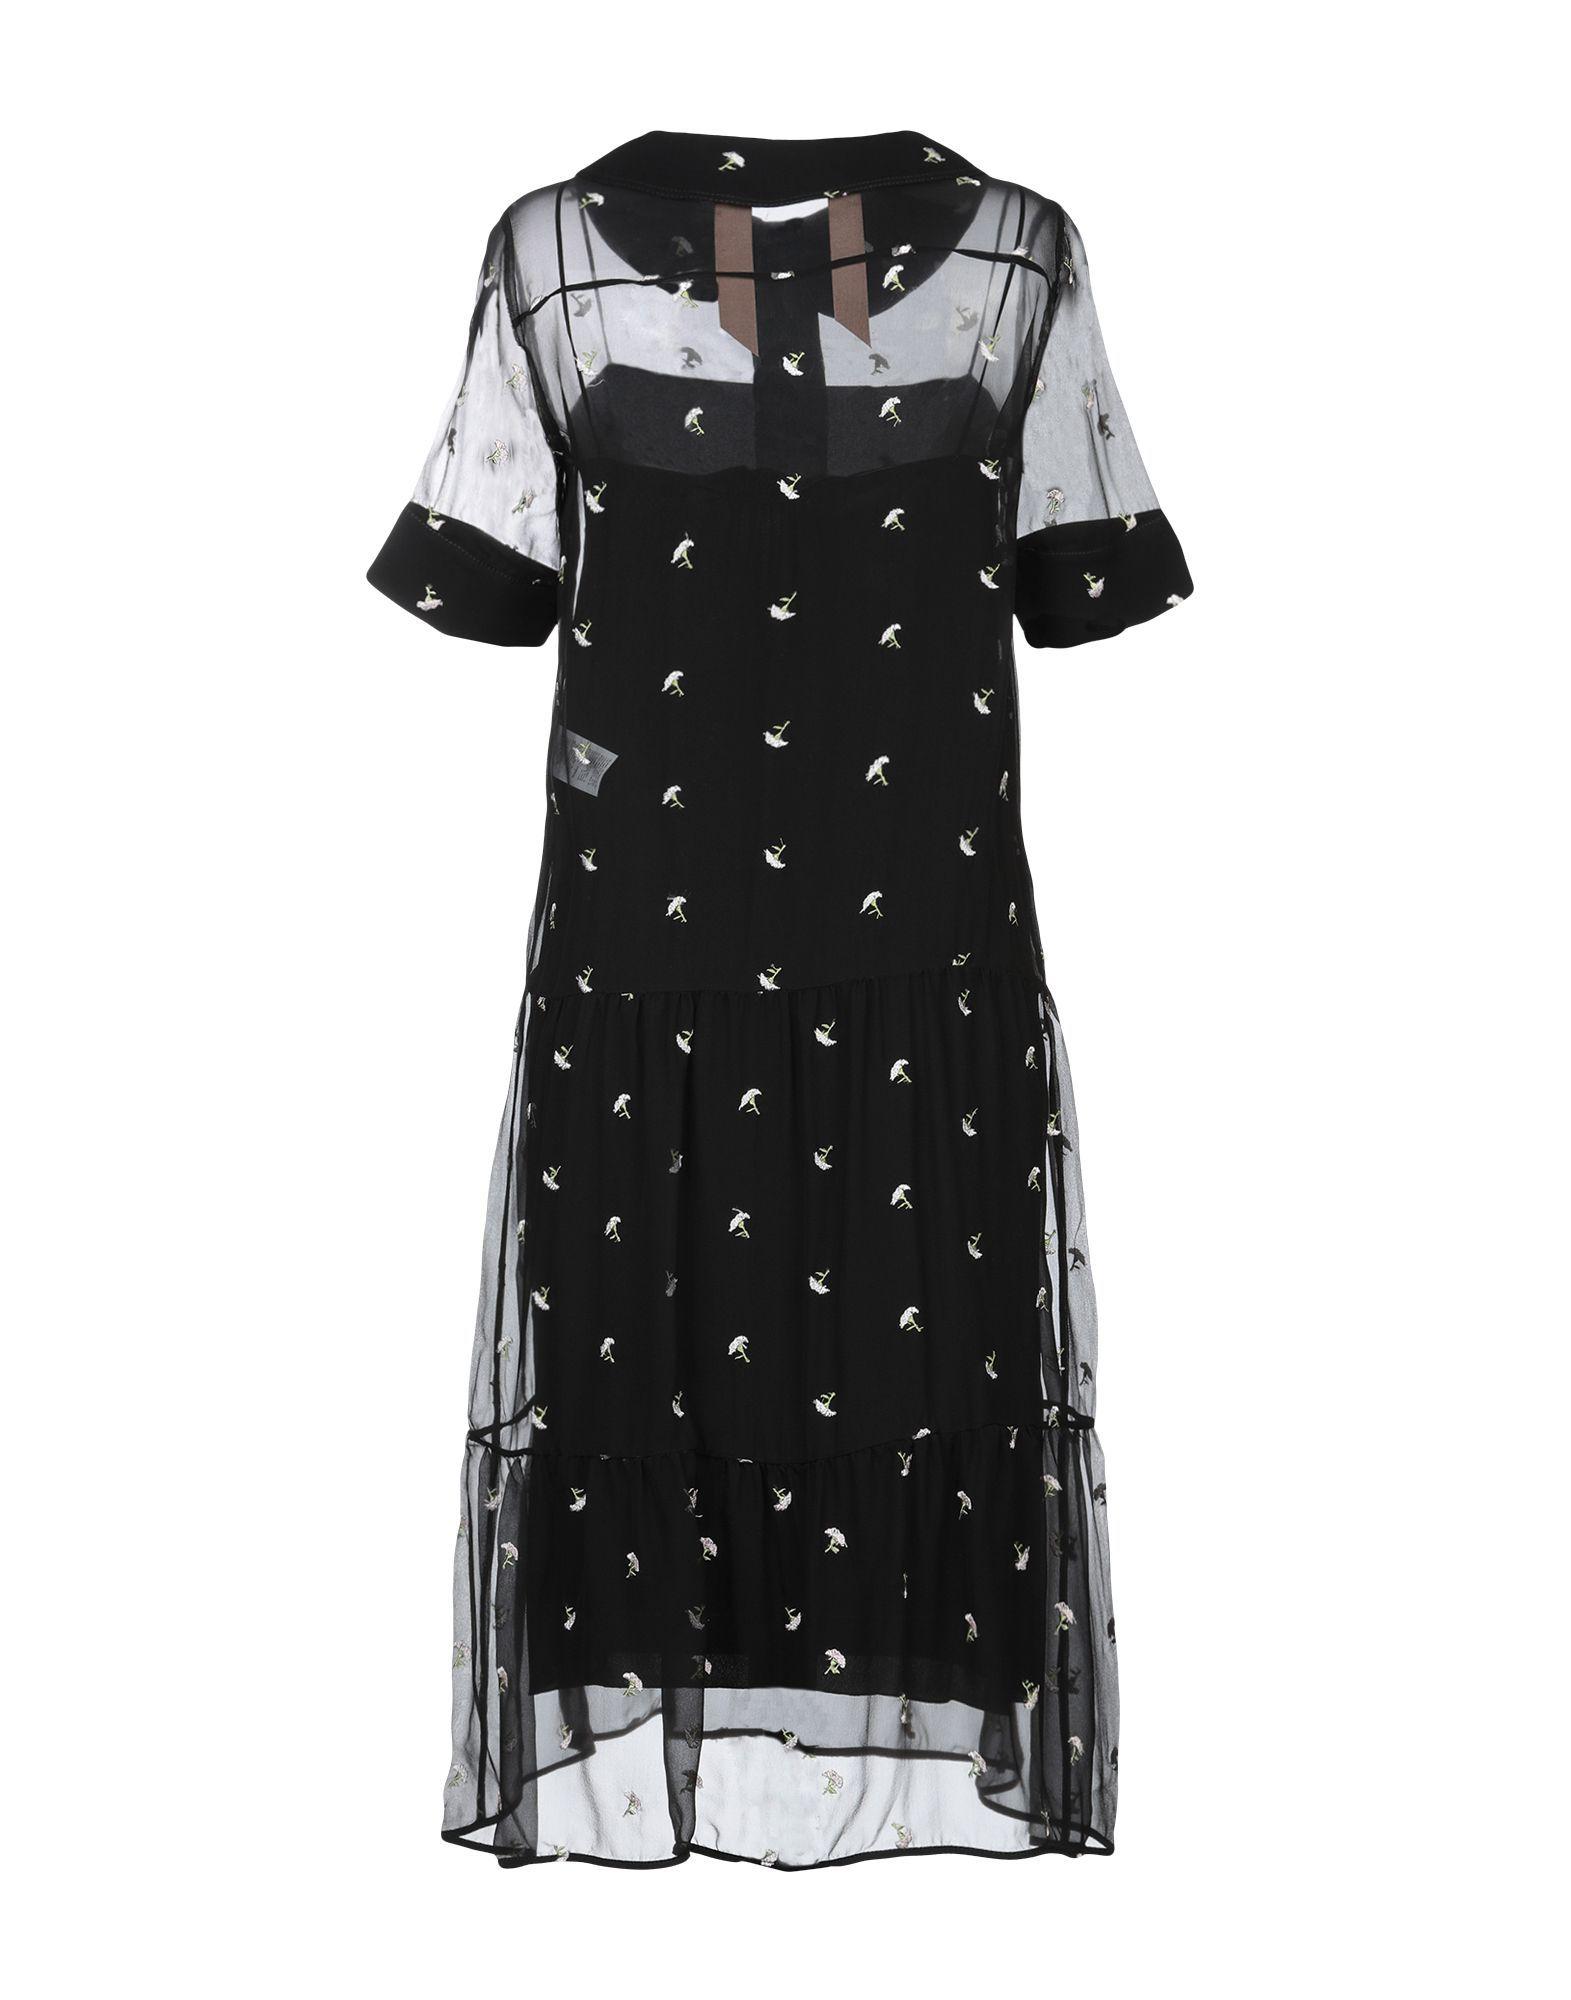 N°21 Black Floral Design Silk Embroidered Shirt Dress